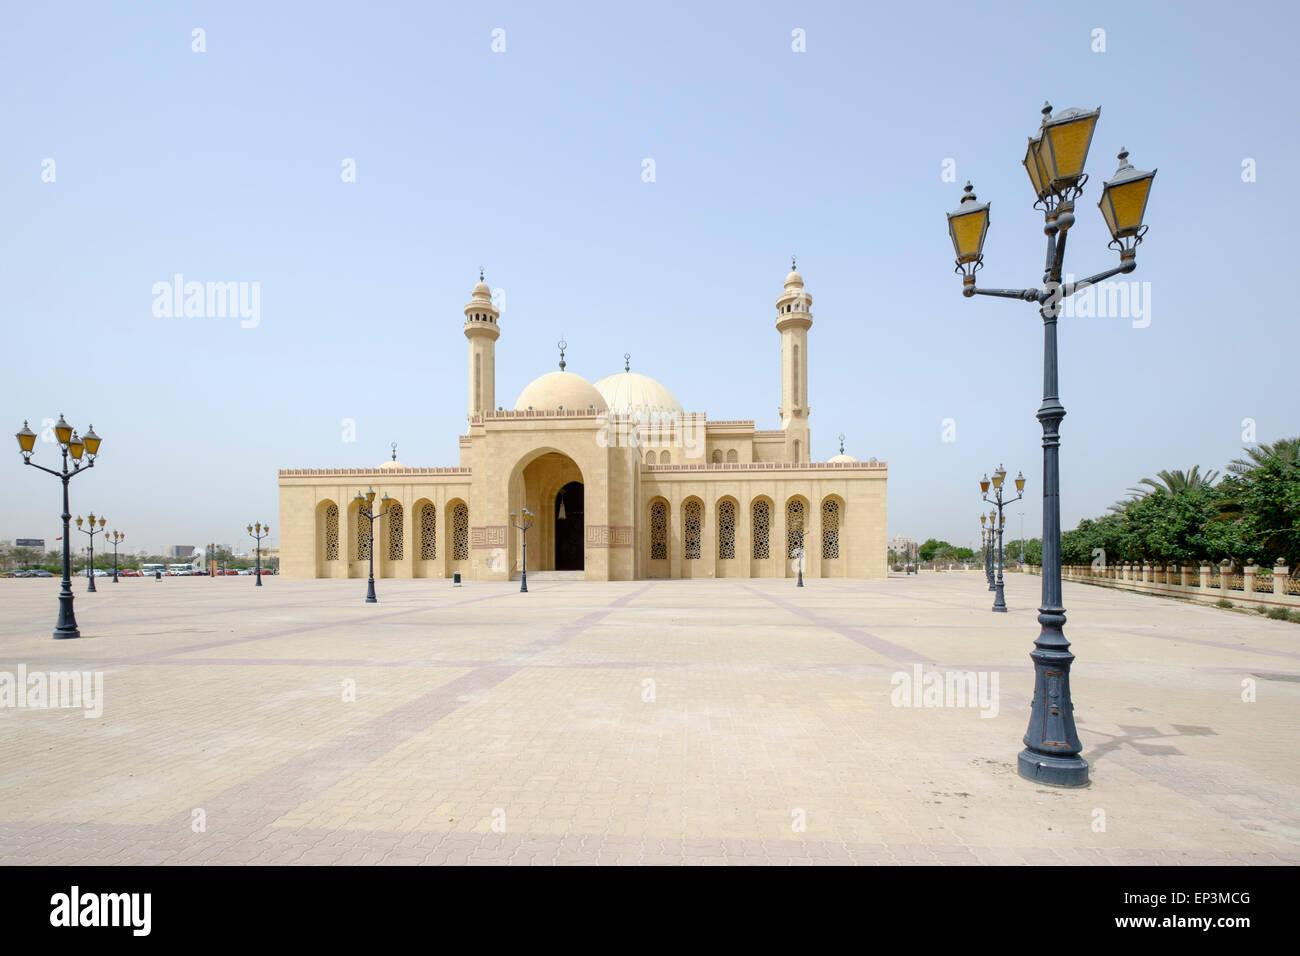 Vue extérieure de la grande mosquée Al Fateh au Royaume de Bahreïn Photo Stock